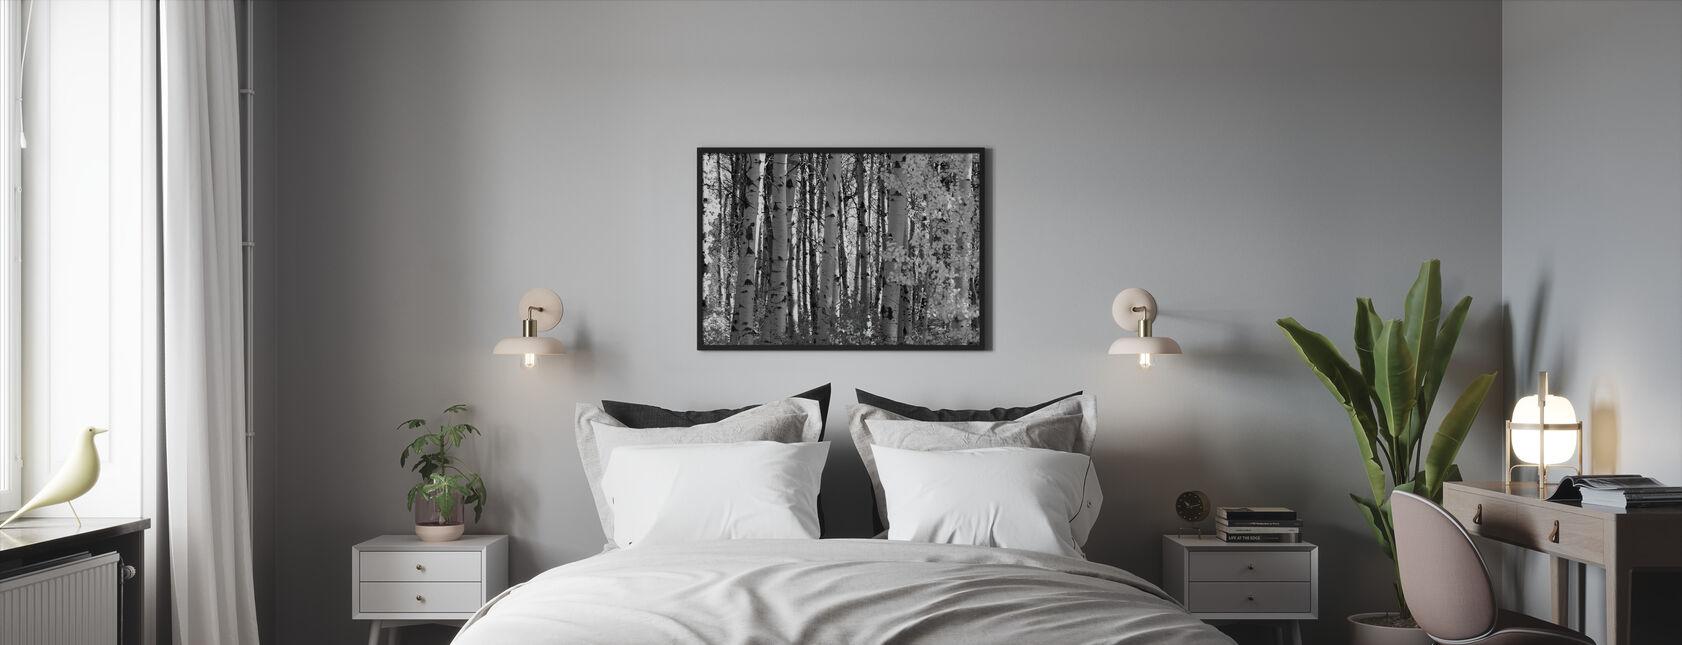 Kaskadierte Schleife - Gerahmtes bild - Schlafzimmer